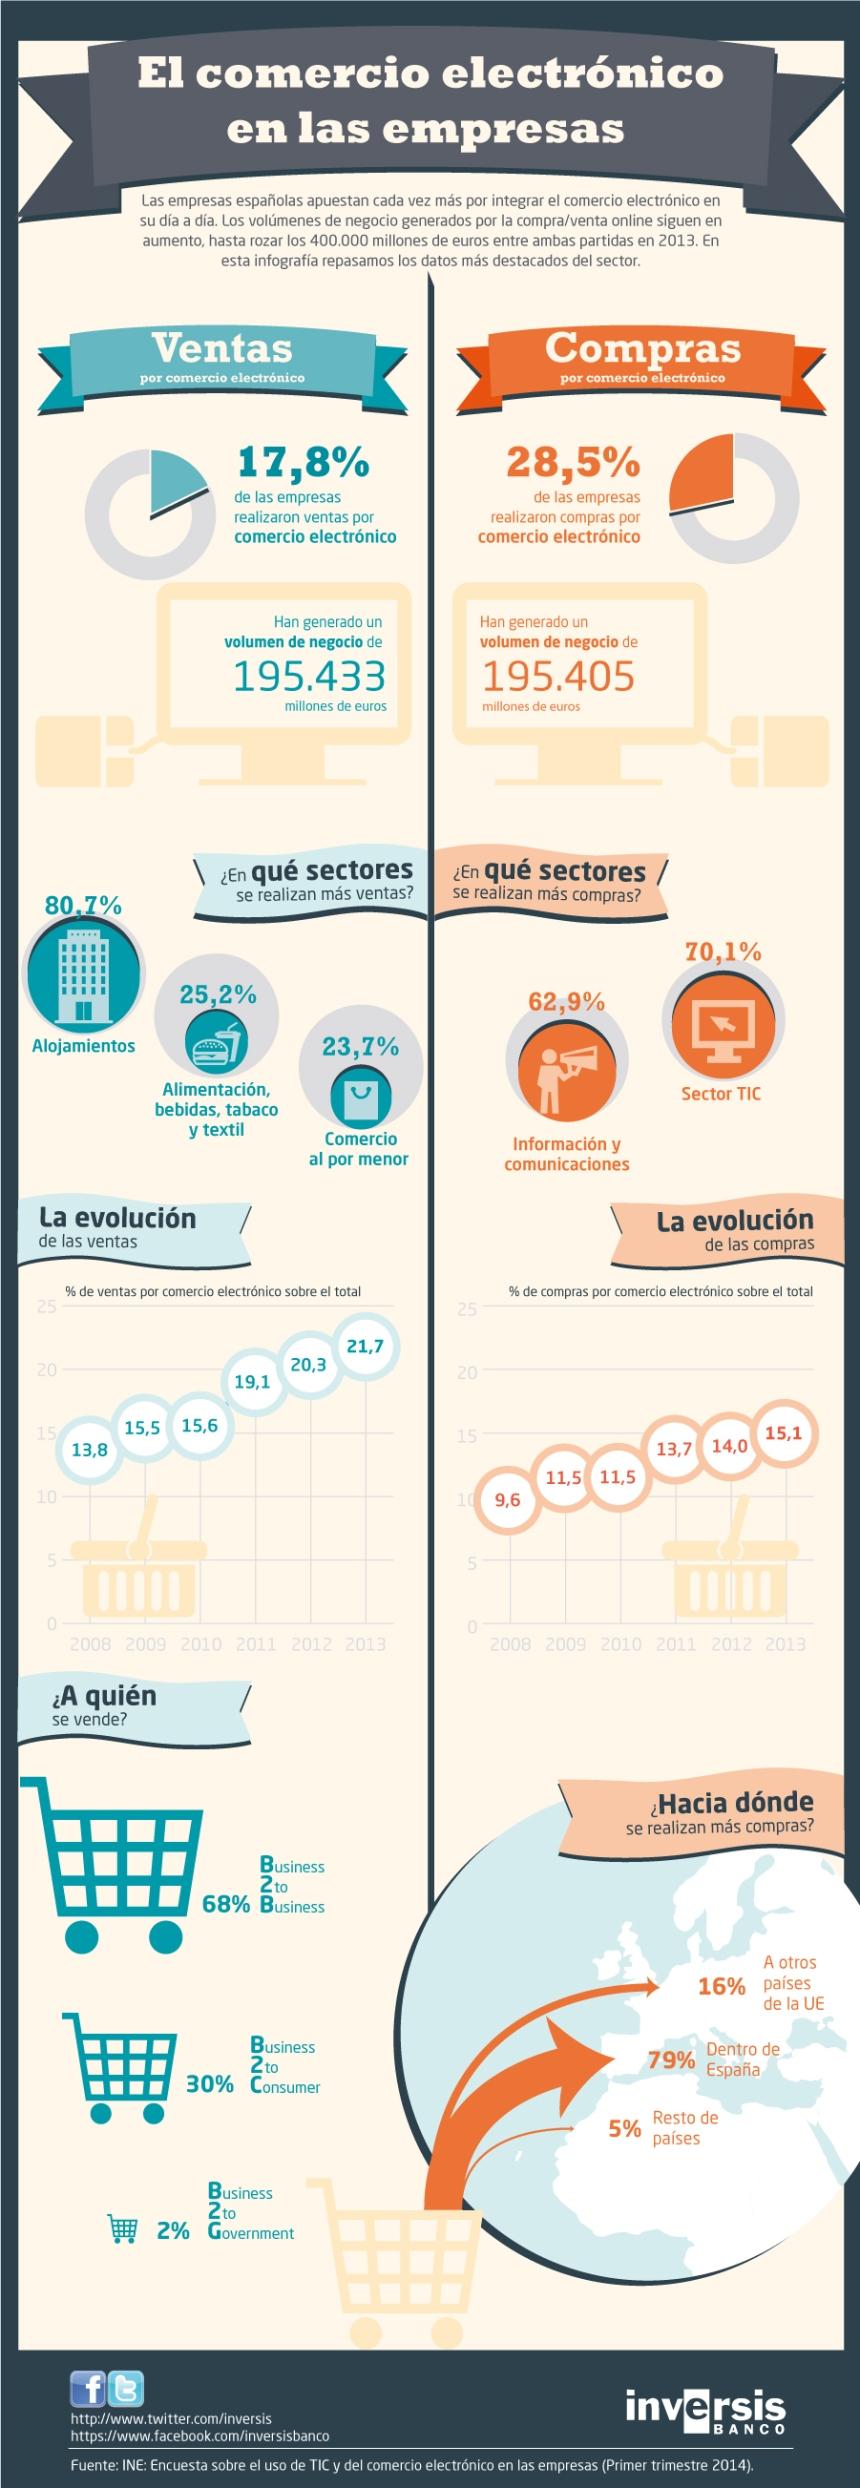 El comercio electrónico en las empresas